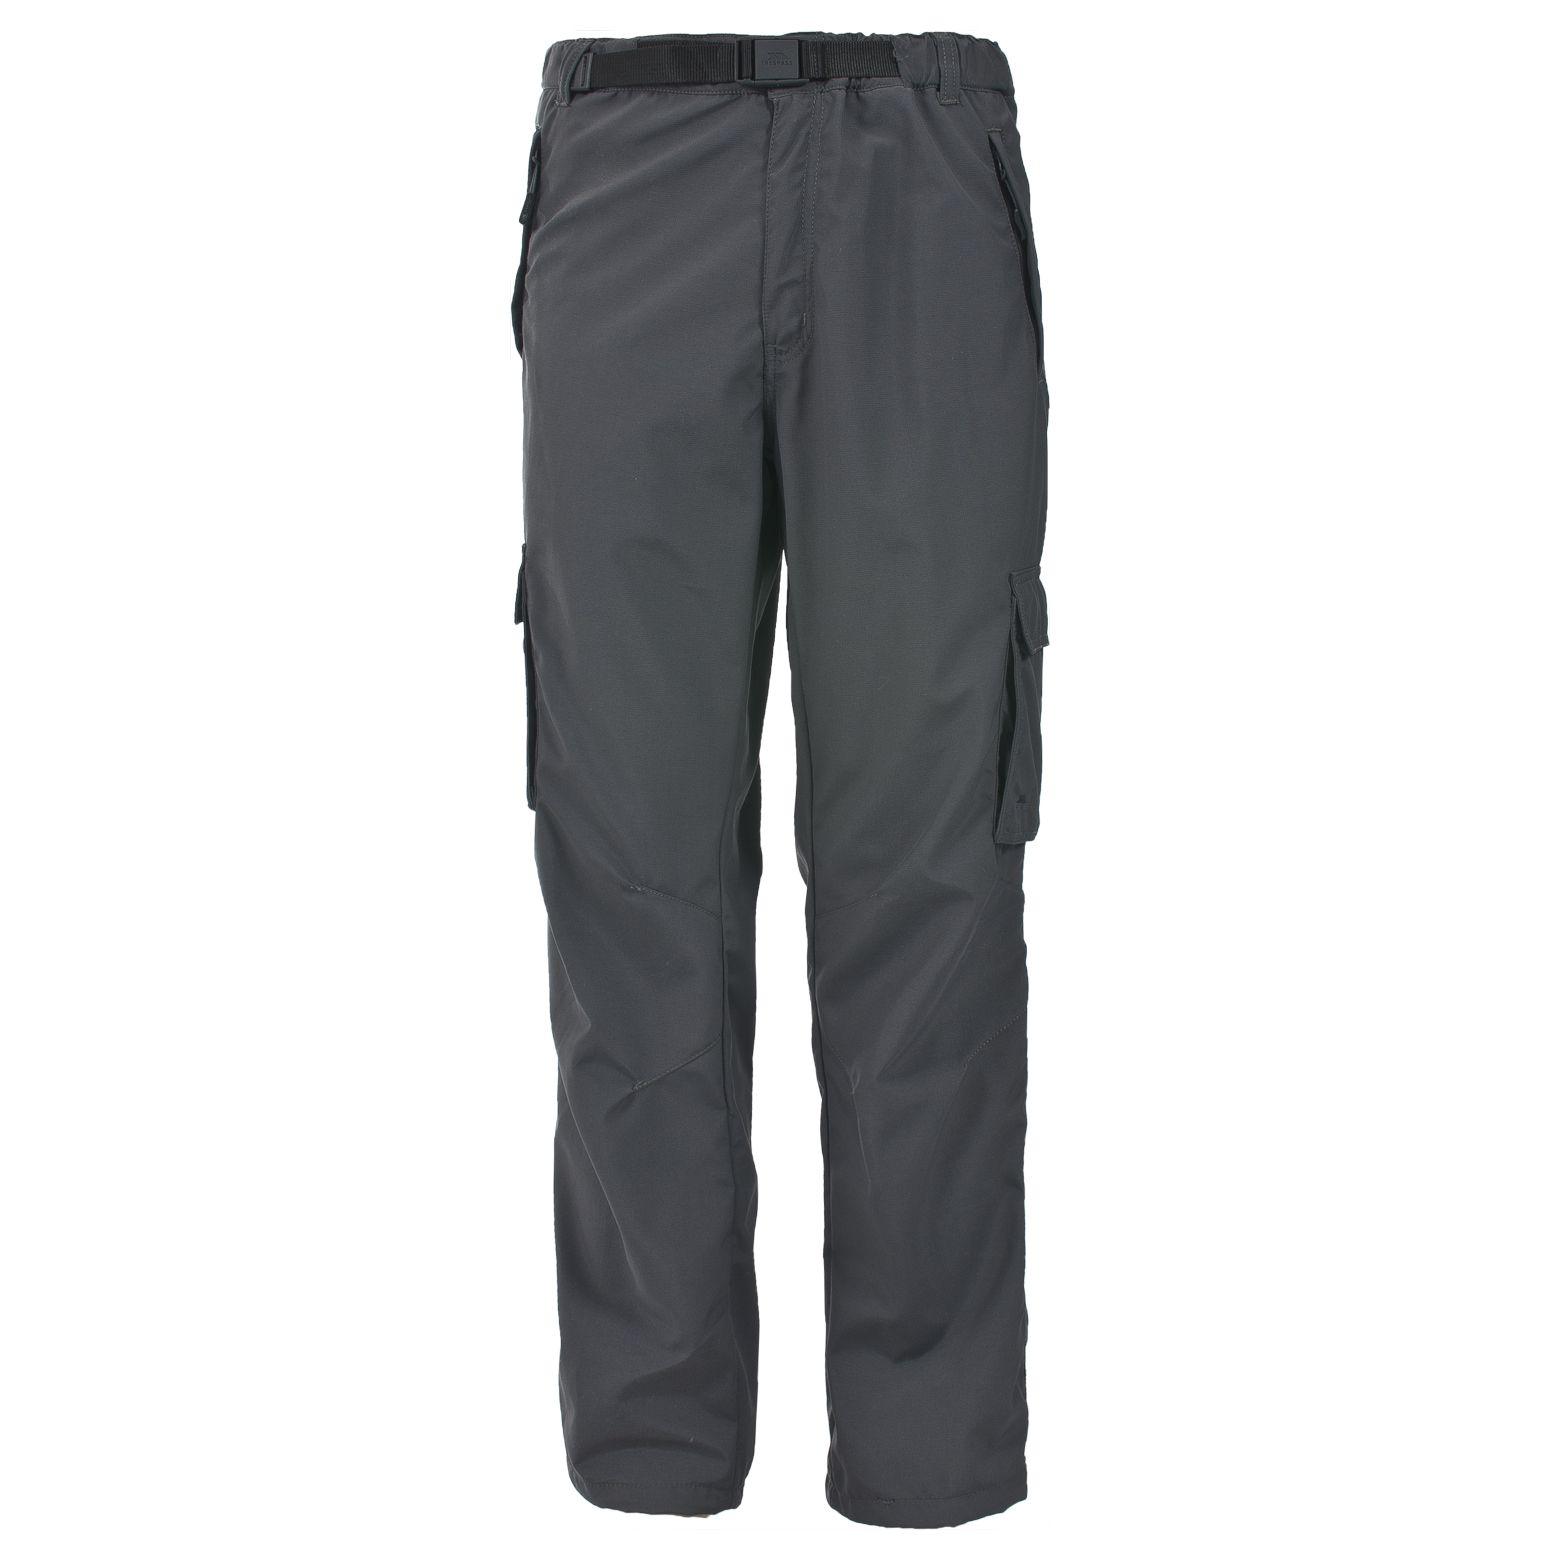 Scubadive Womens 3mm Short Wetsuit